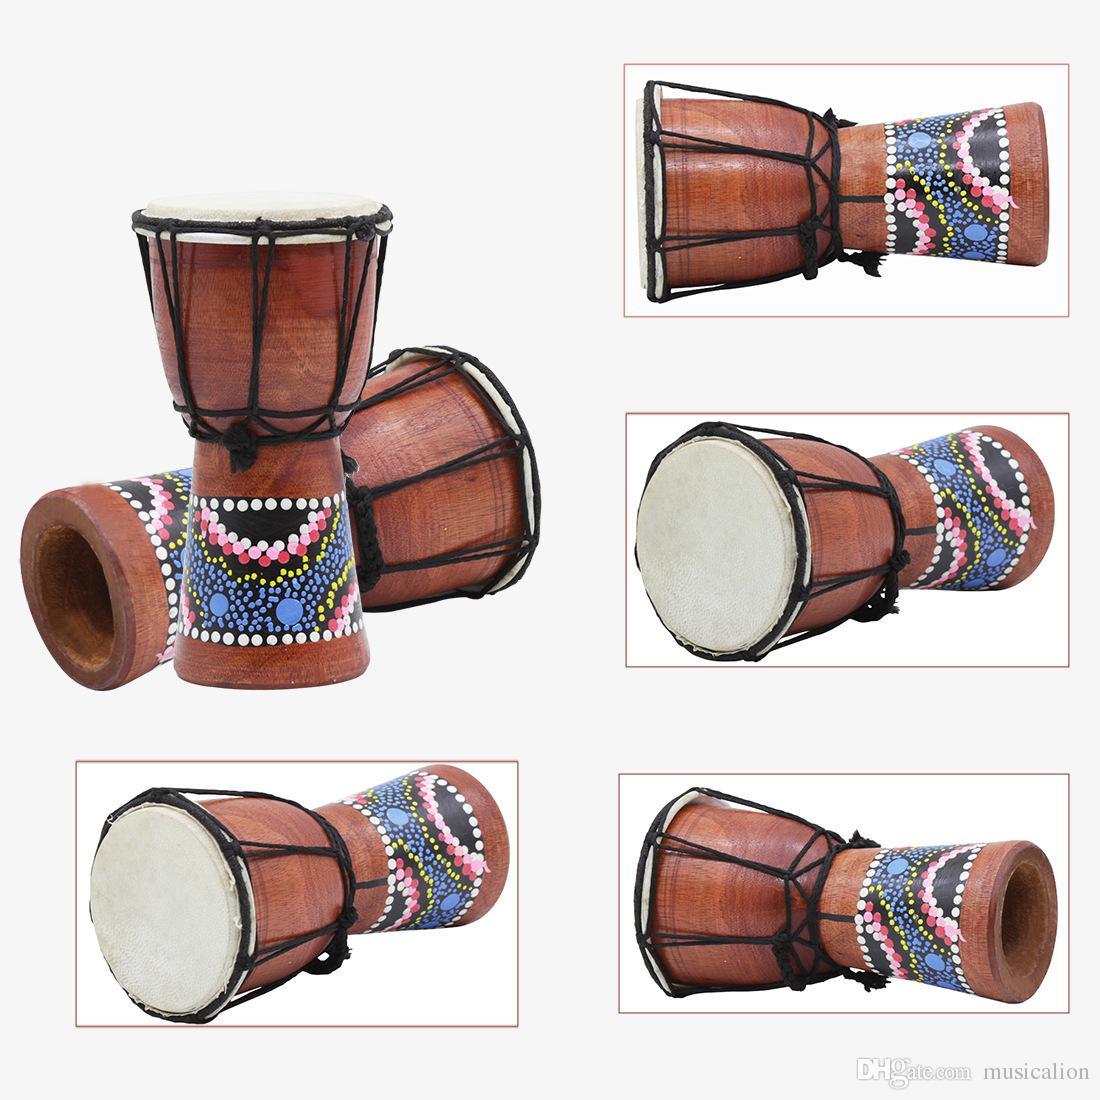 Afrikanische kleine Trommeltrommel vier Zoll kleine Handtrommel-Kinder-Erwachsenen-Praxis-Trommeln handgefertigt 18x12,7 cm